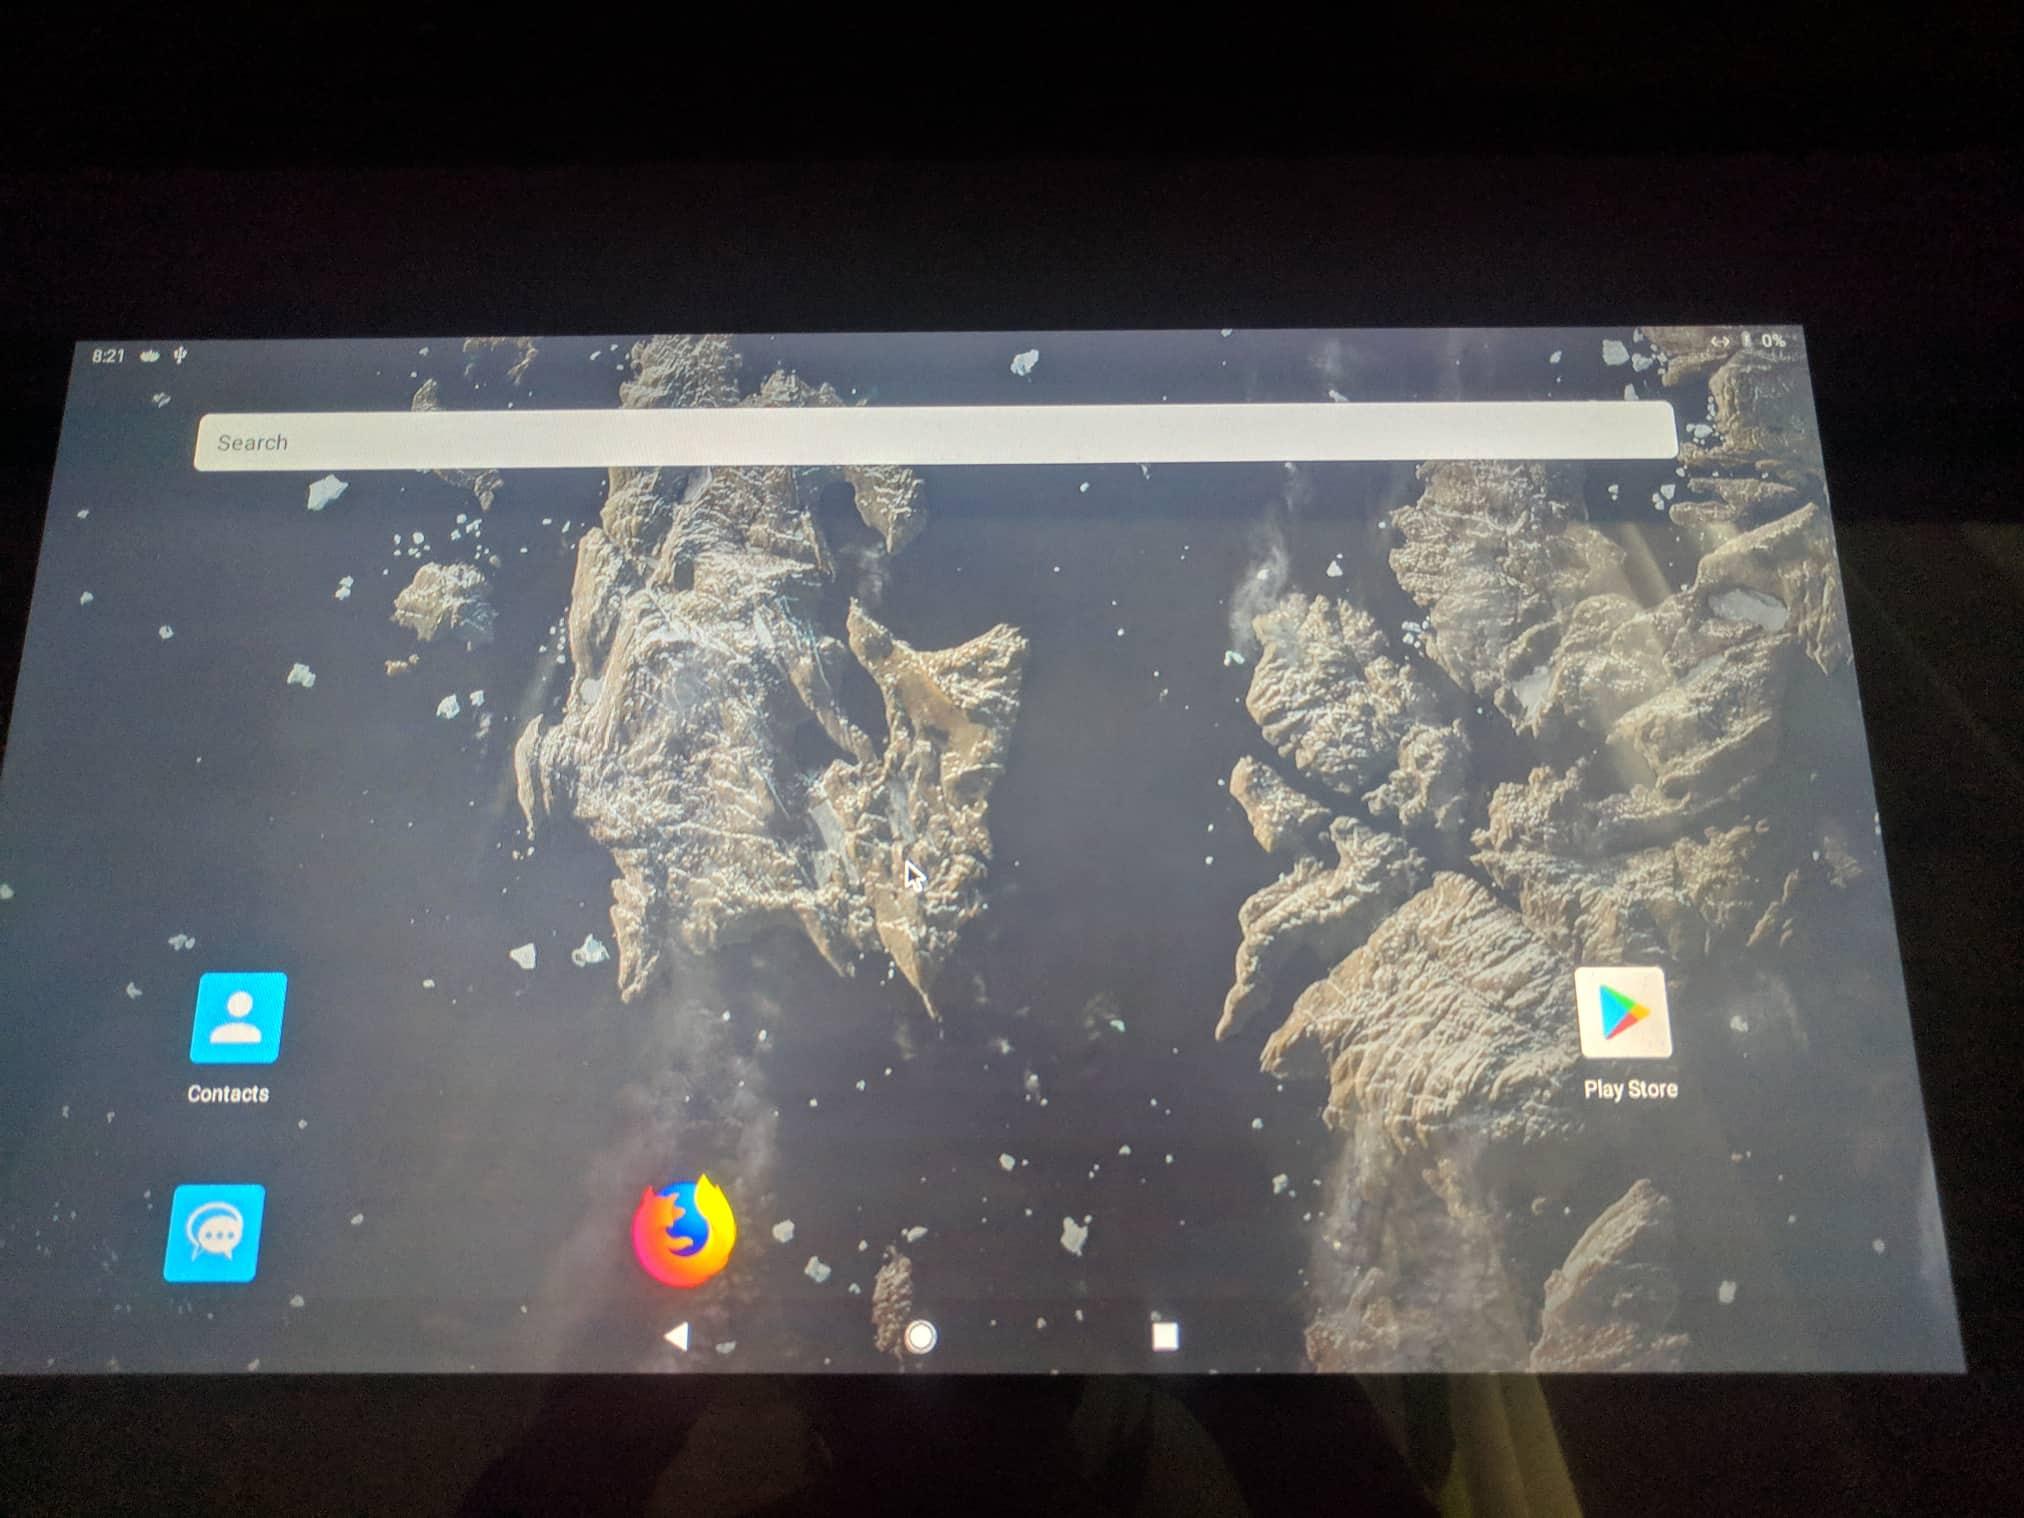 Bliss OS - Chạy Android Pie 9 0 trên máy tính thật đơn giản